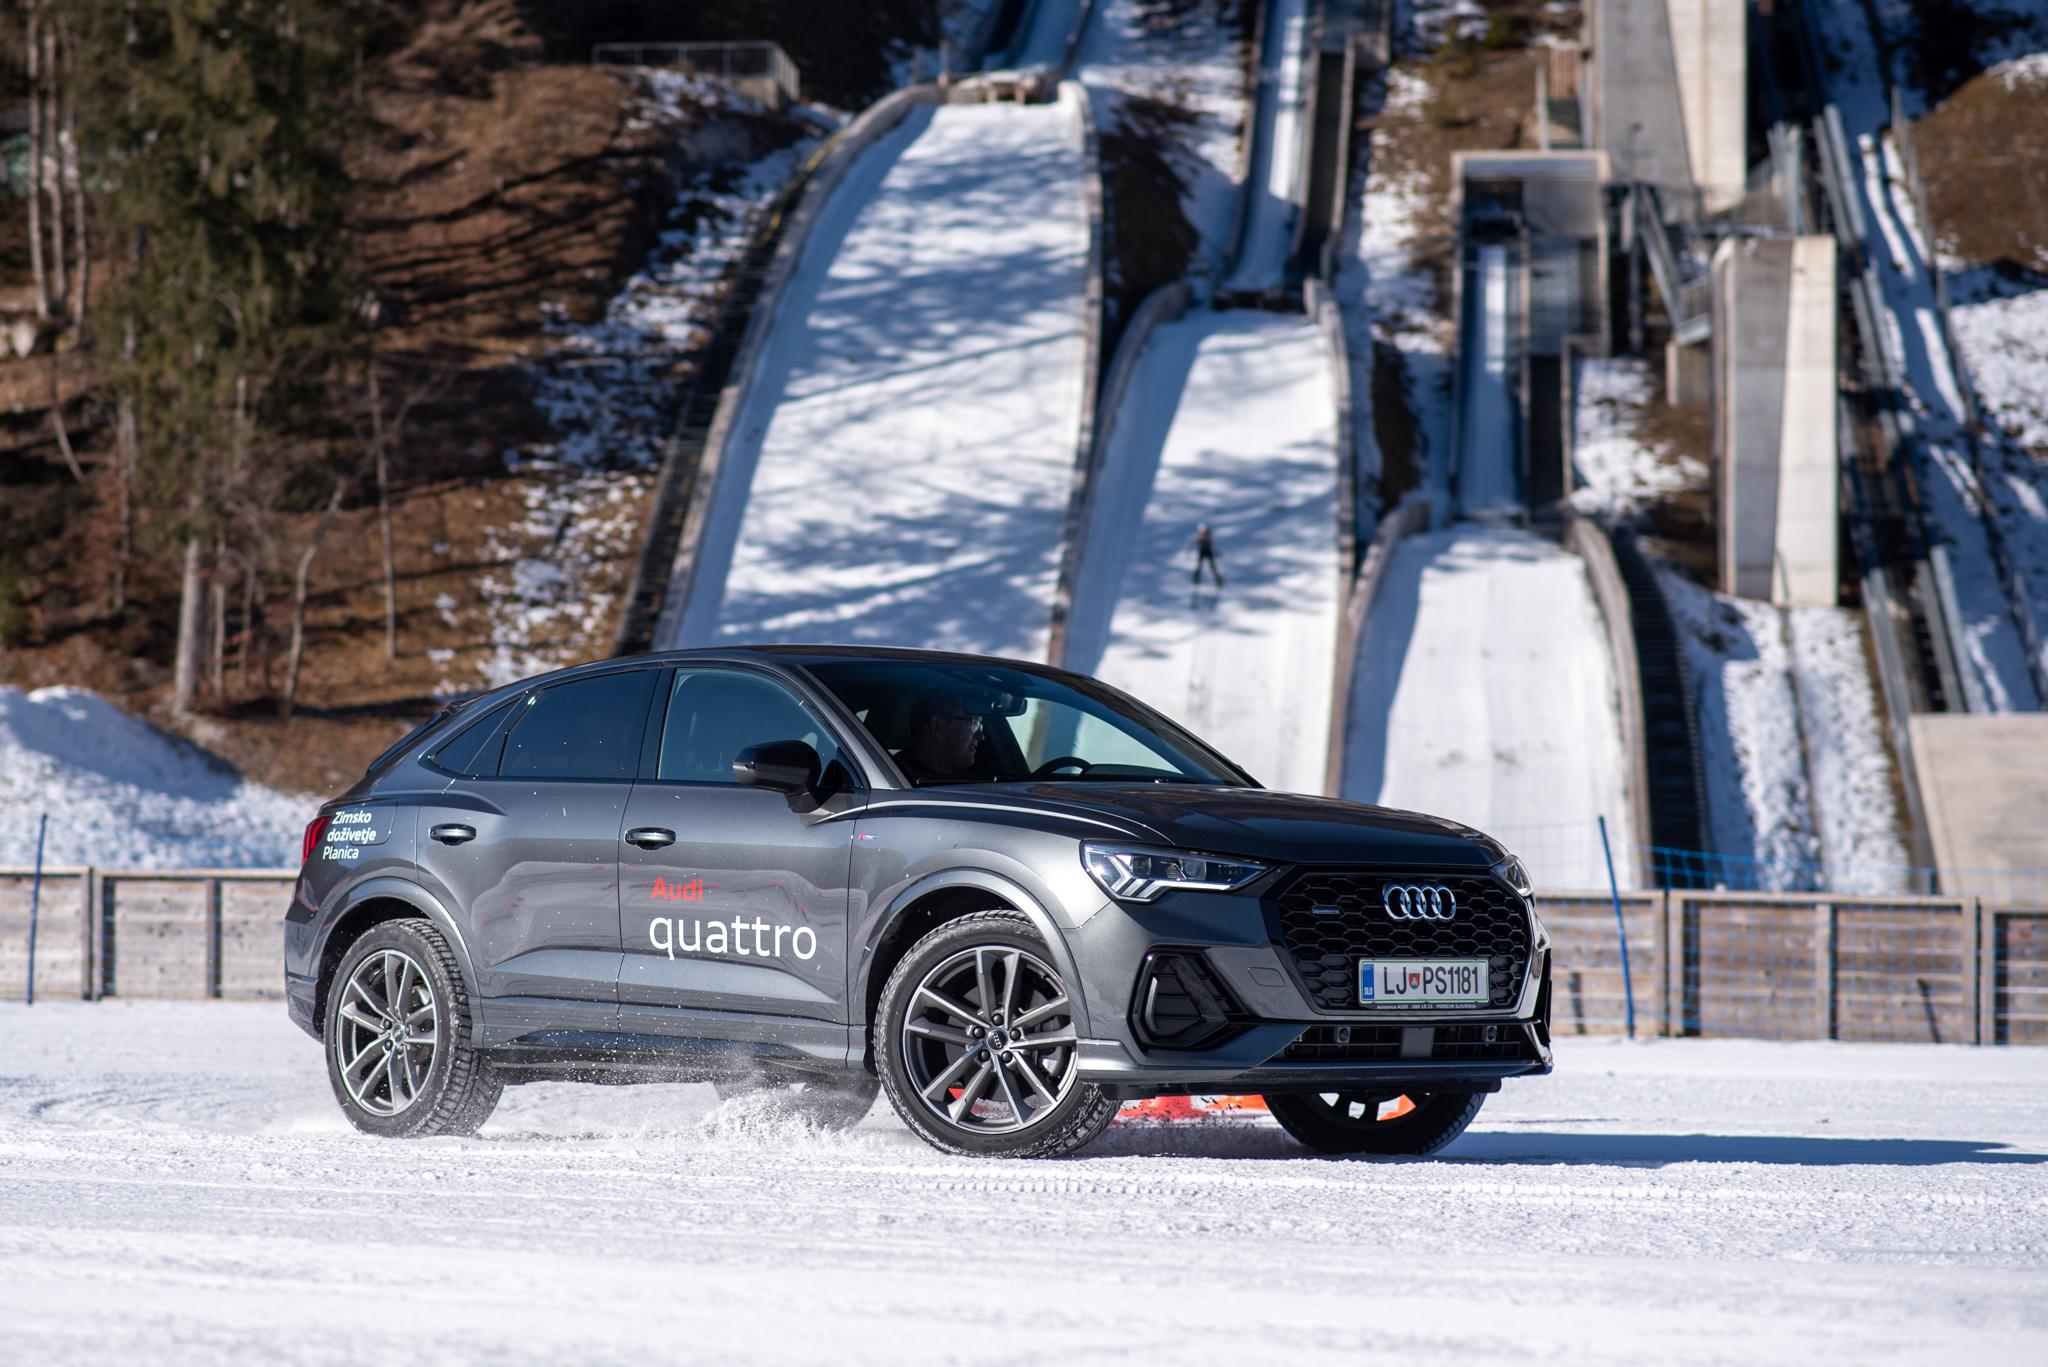 Audi terenec na snegu, pred skakalnicami za smučarske skoke v Planici.